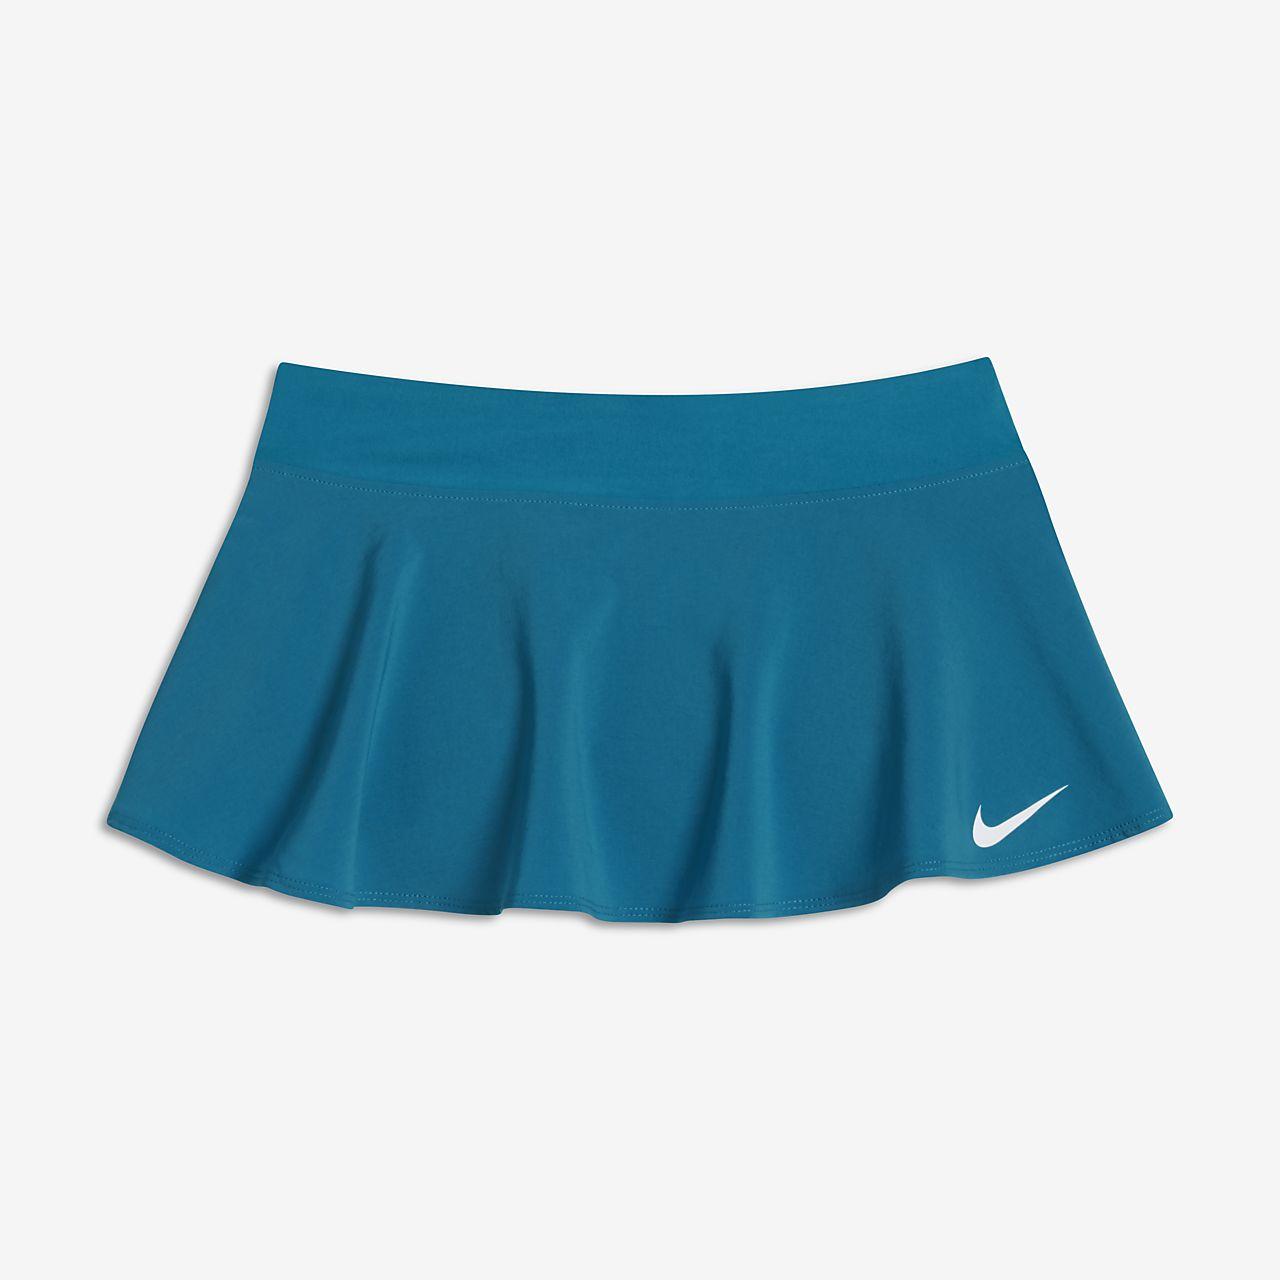 Fille Jupe Pure Fr Nikecourt Âgée Plus Pour Tennis De C7qZwxaXr7